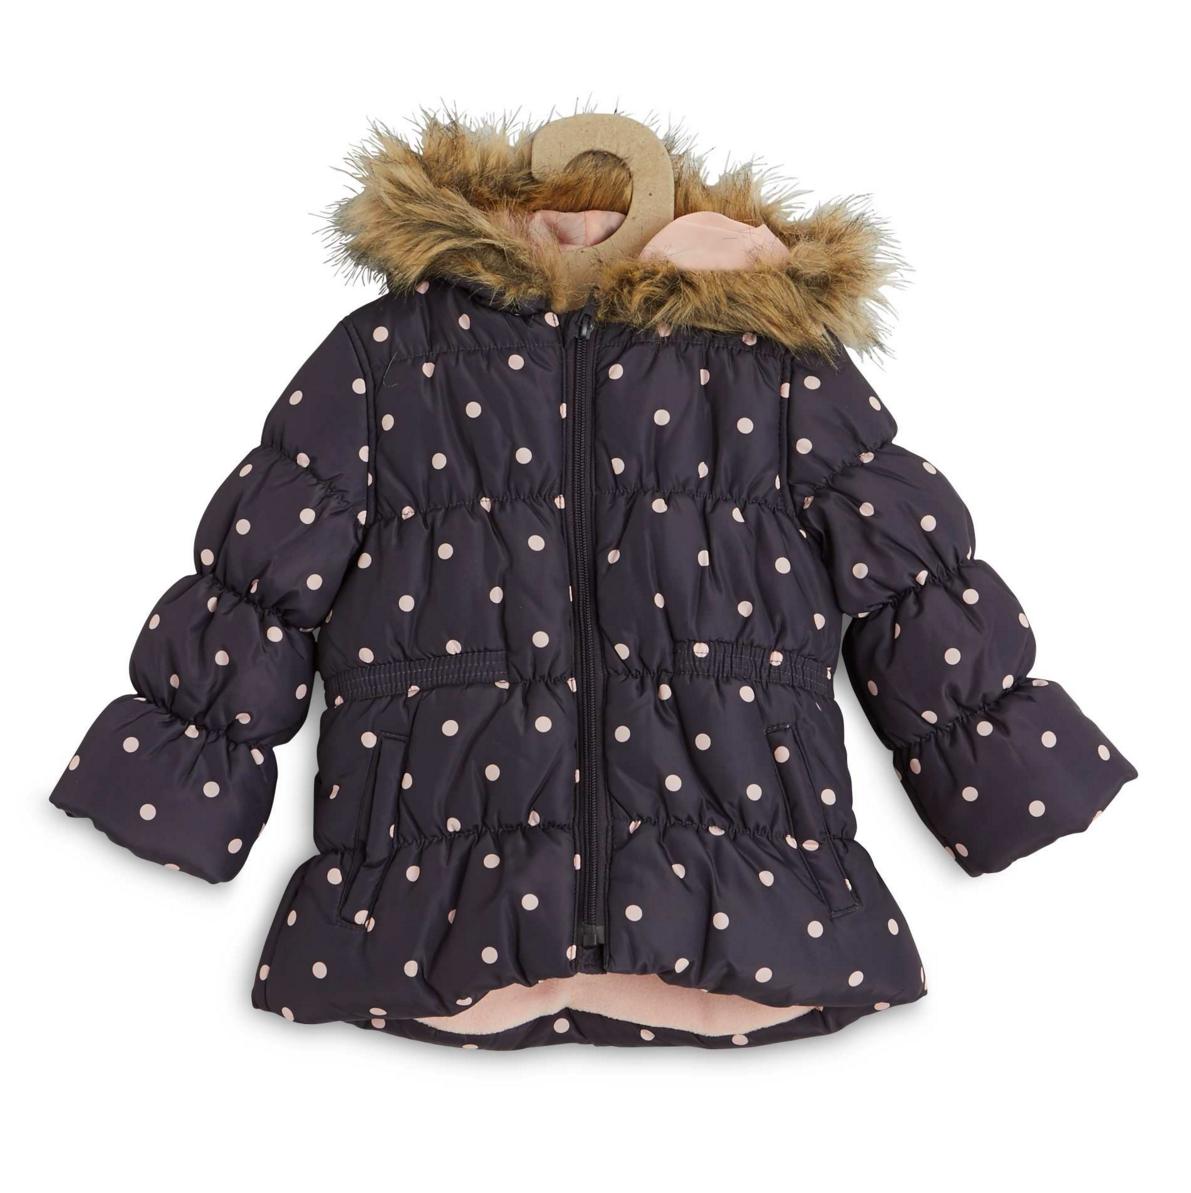 5 chaquetas de niño y niña por menos de 20 euros – Mamá ven